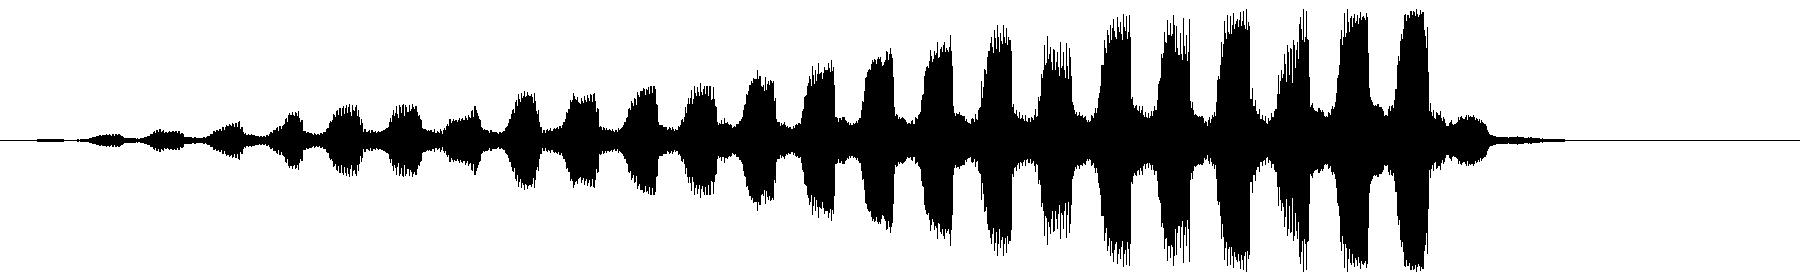 ehu sfx 015